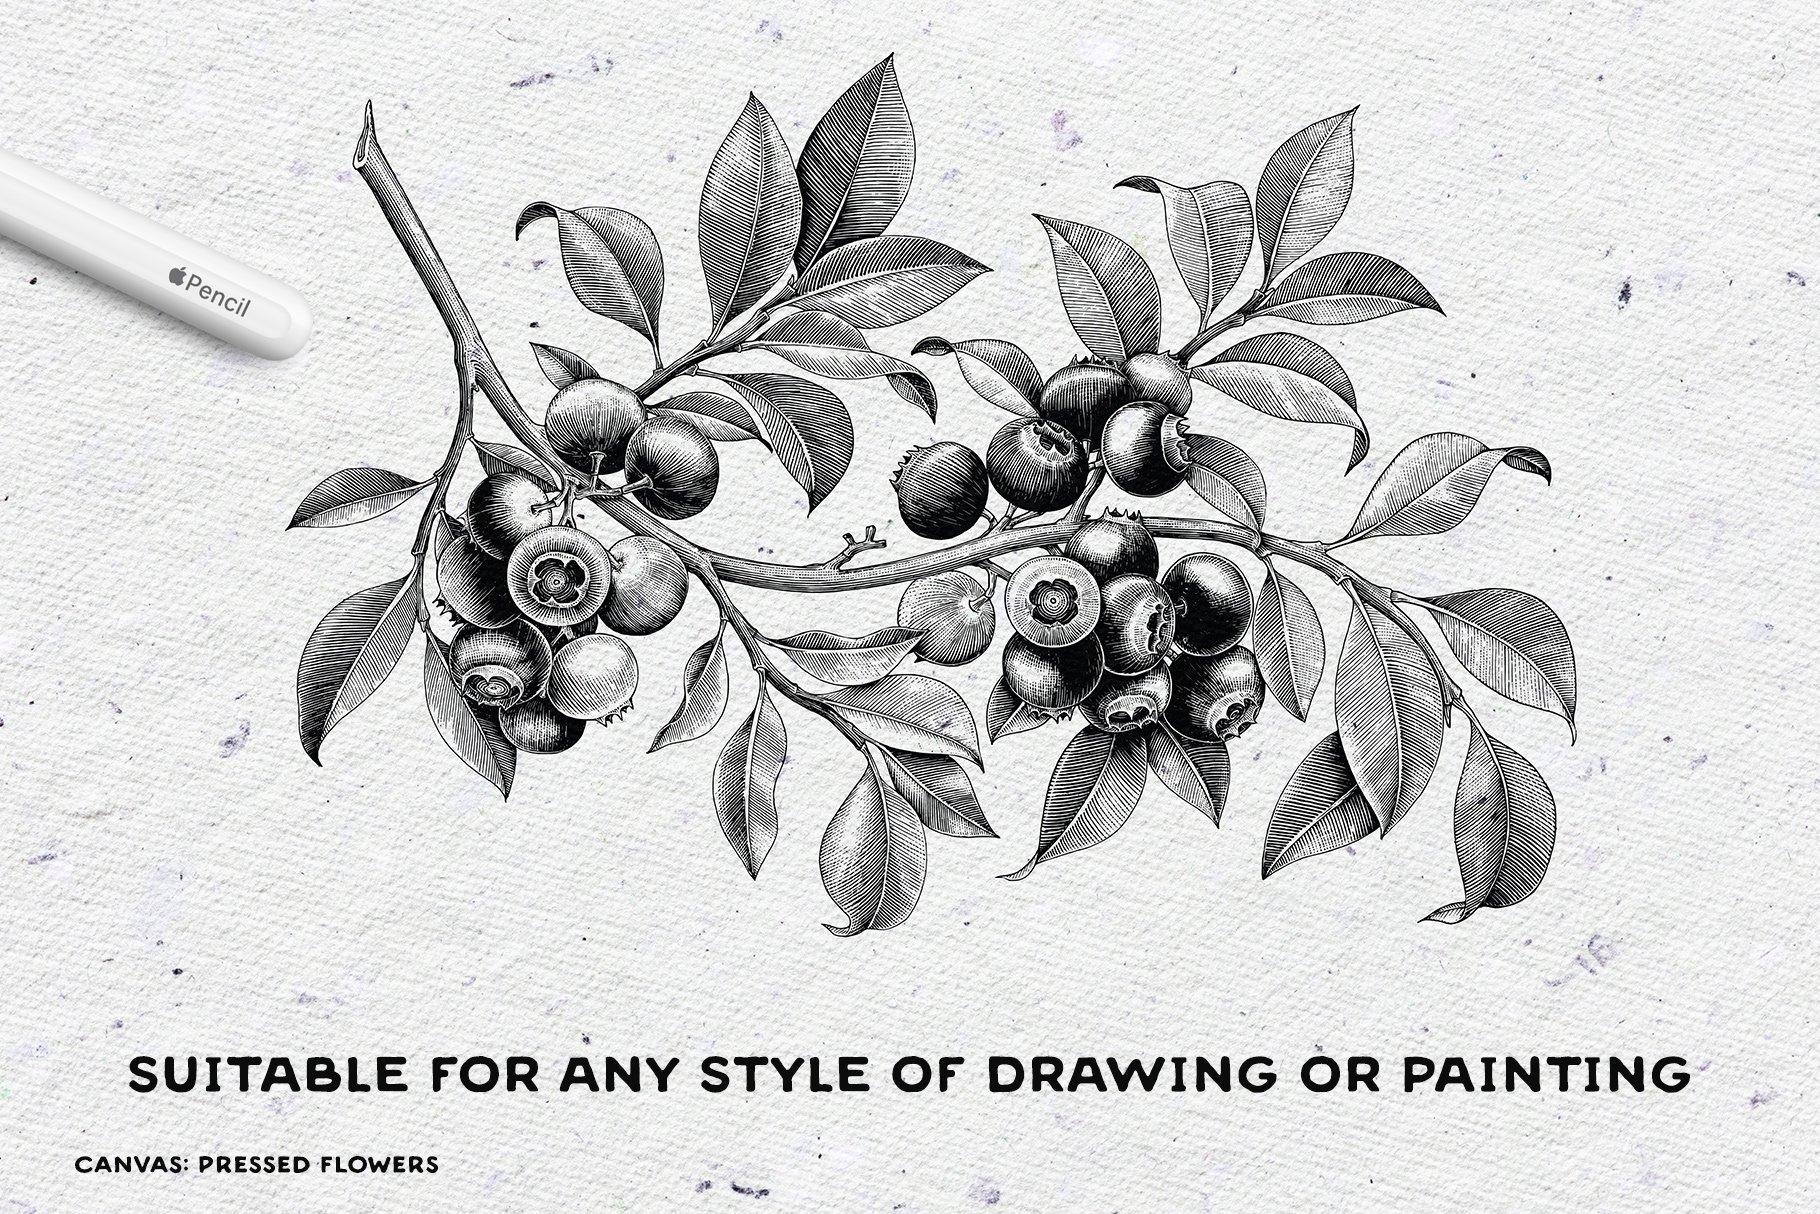 [单独购买] 17款逼真绘画画布背景Procreate纸纹理设计素材 Procreate Paper Texture Canvases插图7